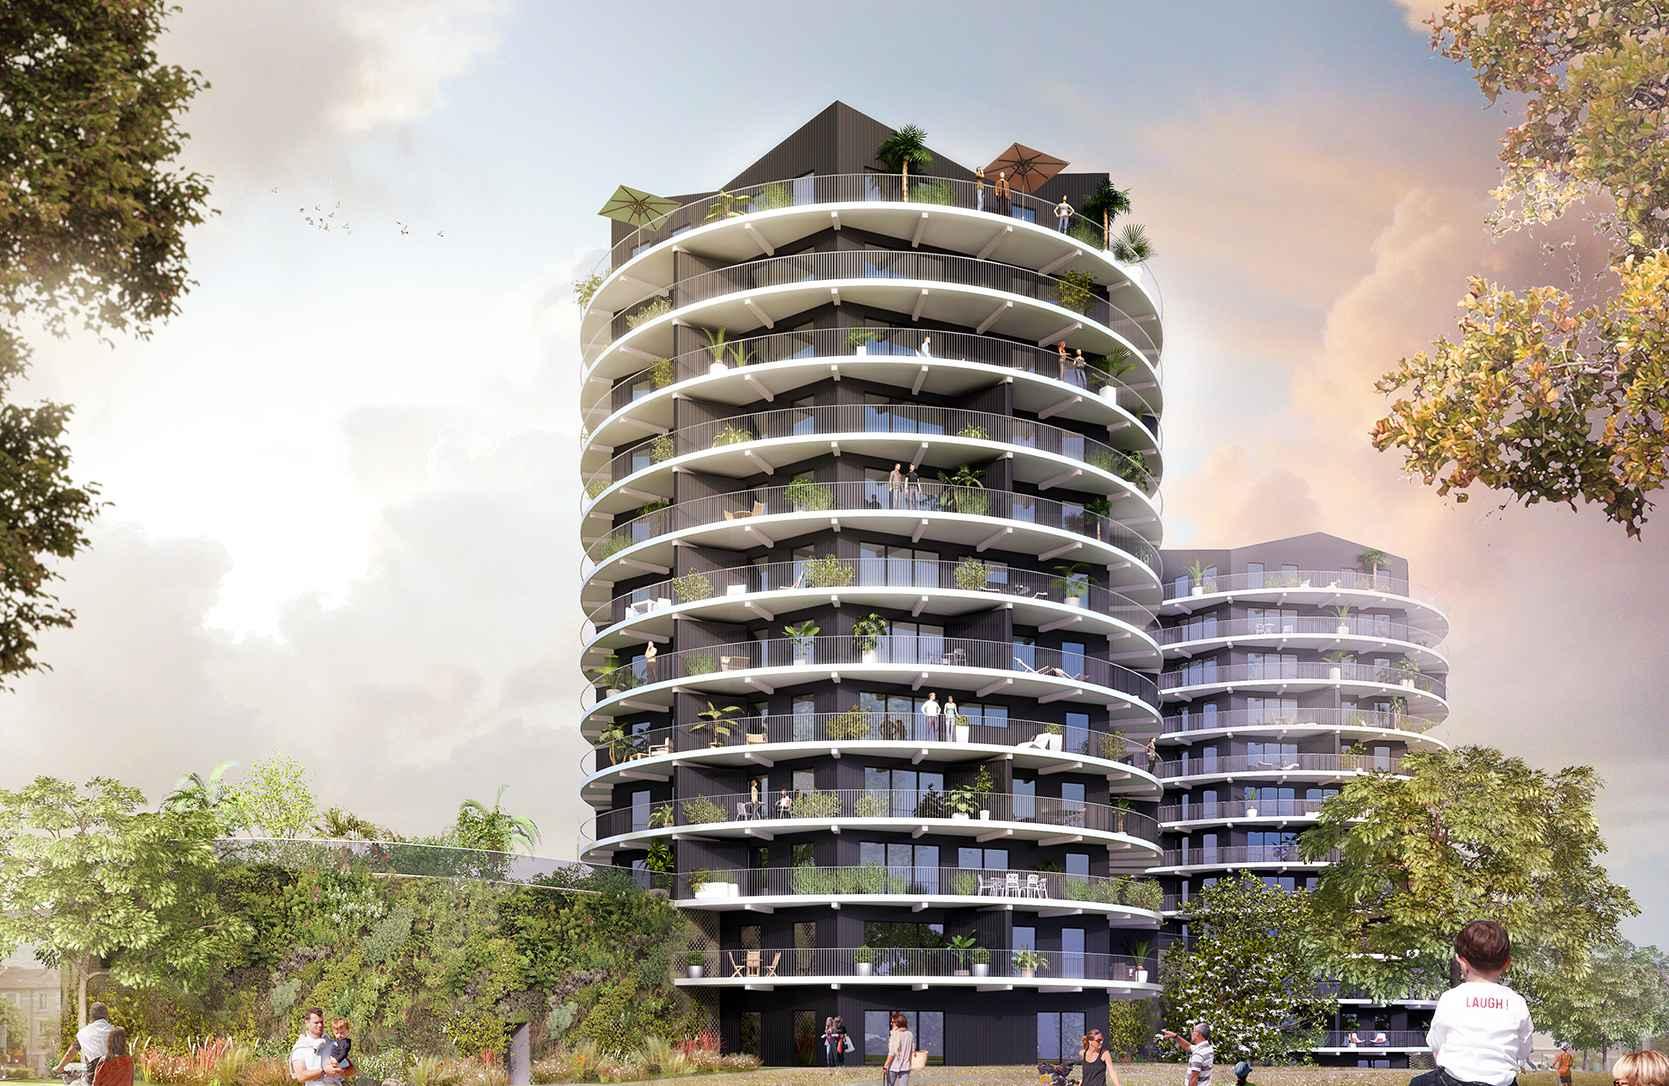 Rennes comment les architectes vont transformer la ville for Architecture rennes